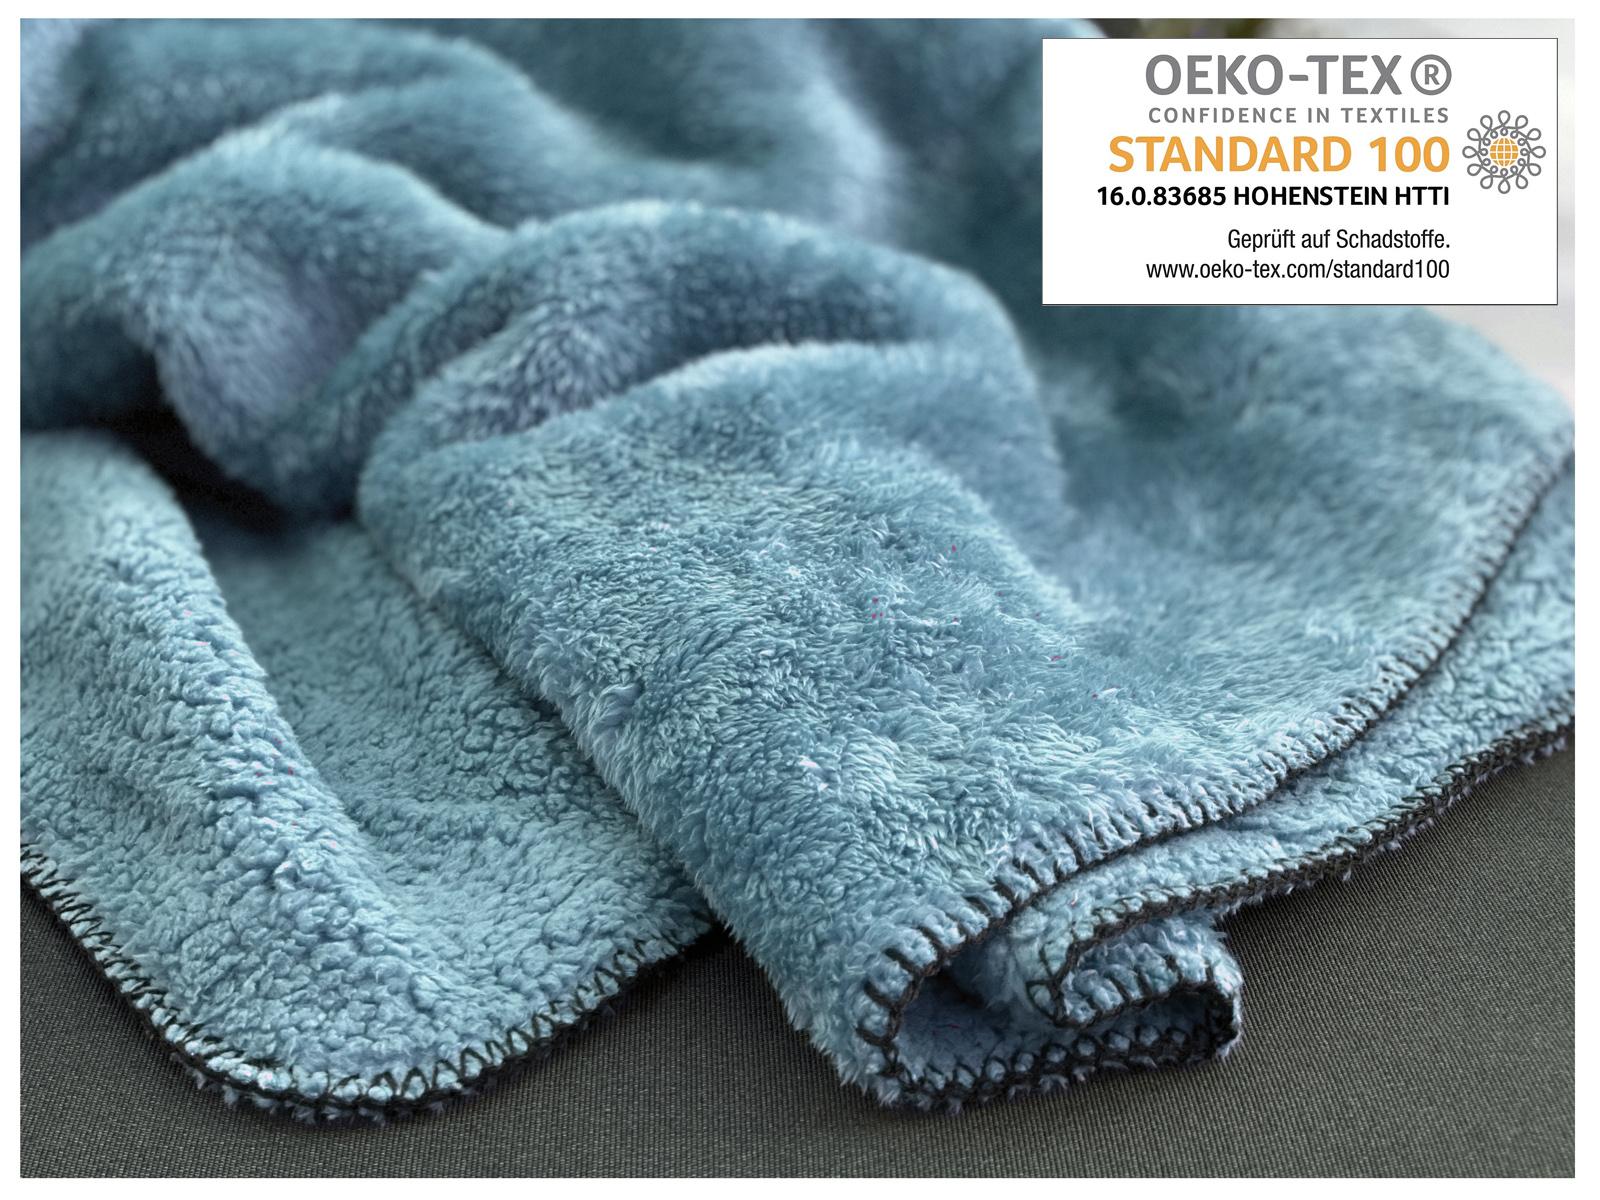 Indexbild 18 - Super Soft Kuscheldecke Langfloor Teddy Fleece XL 200x150 Plüsch Decke Typ716